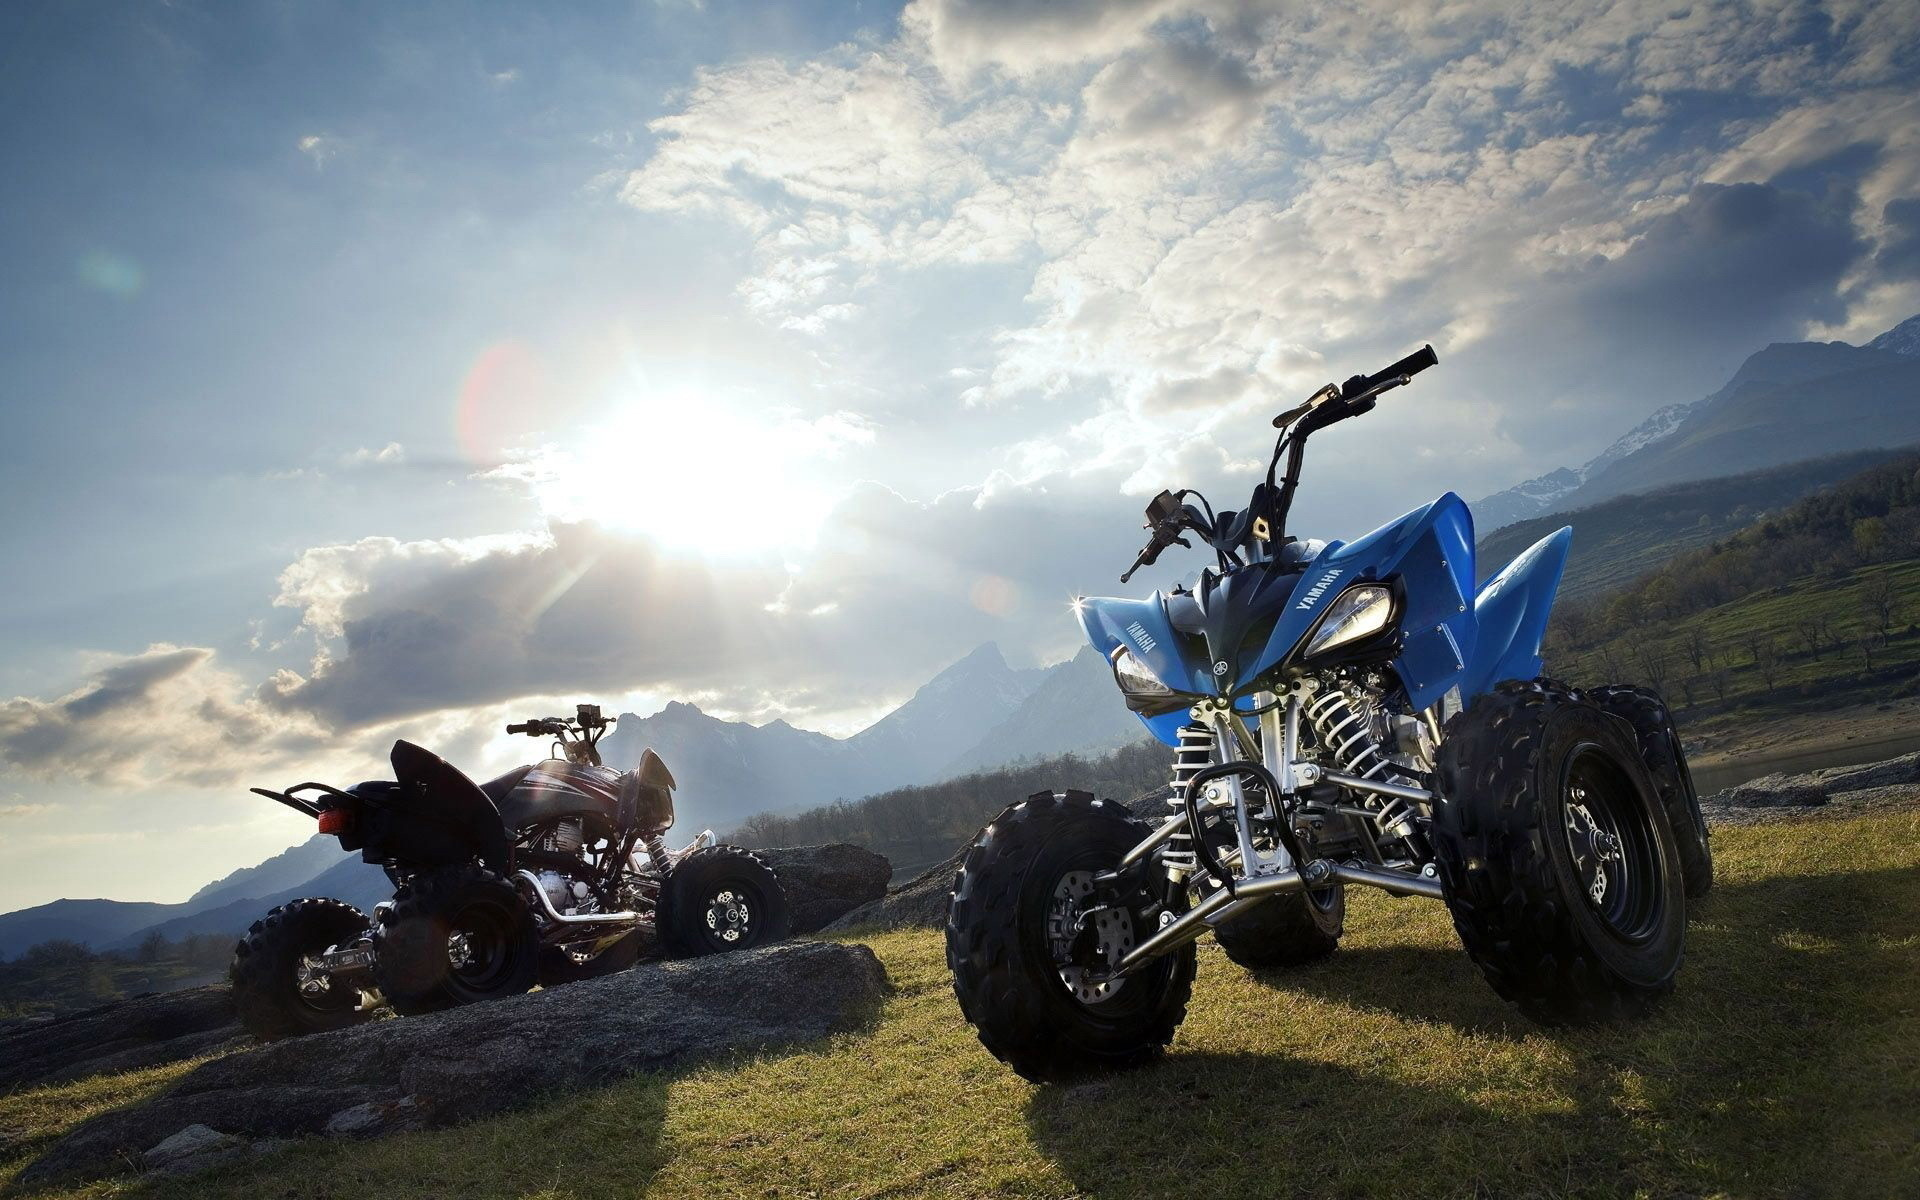 UKMOTO IMPORTATION MOTO ANGLETERRE 4 motorcycle 6 - GALLERIE FACEBOOK MOTO IMPORT MOTO UKMOTO